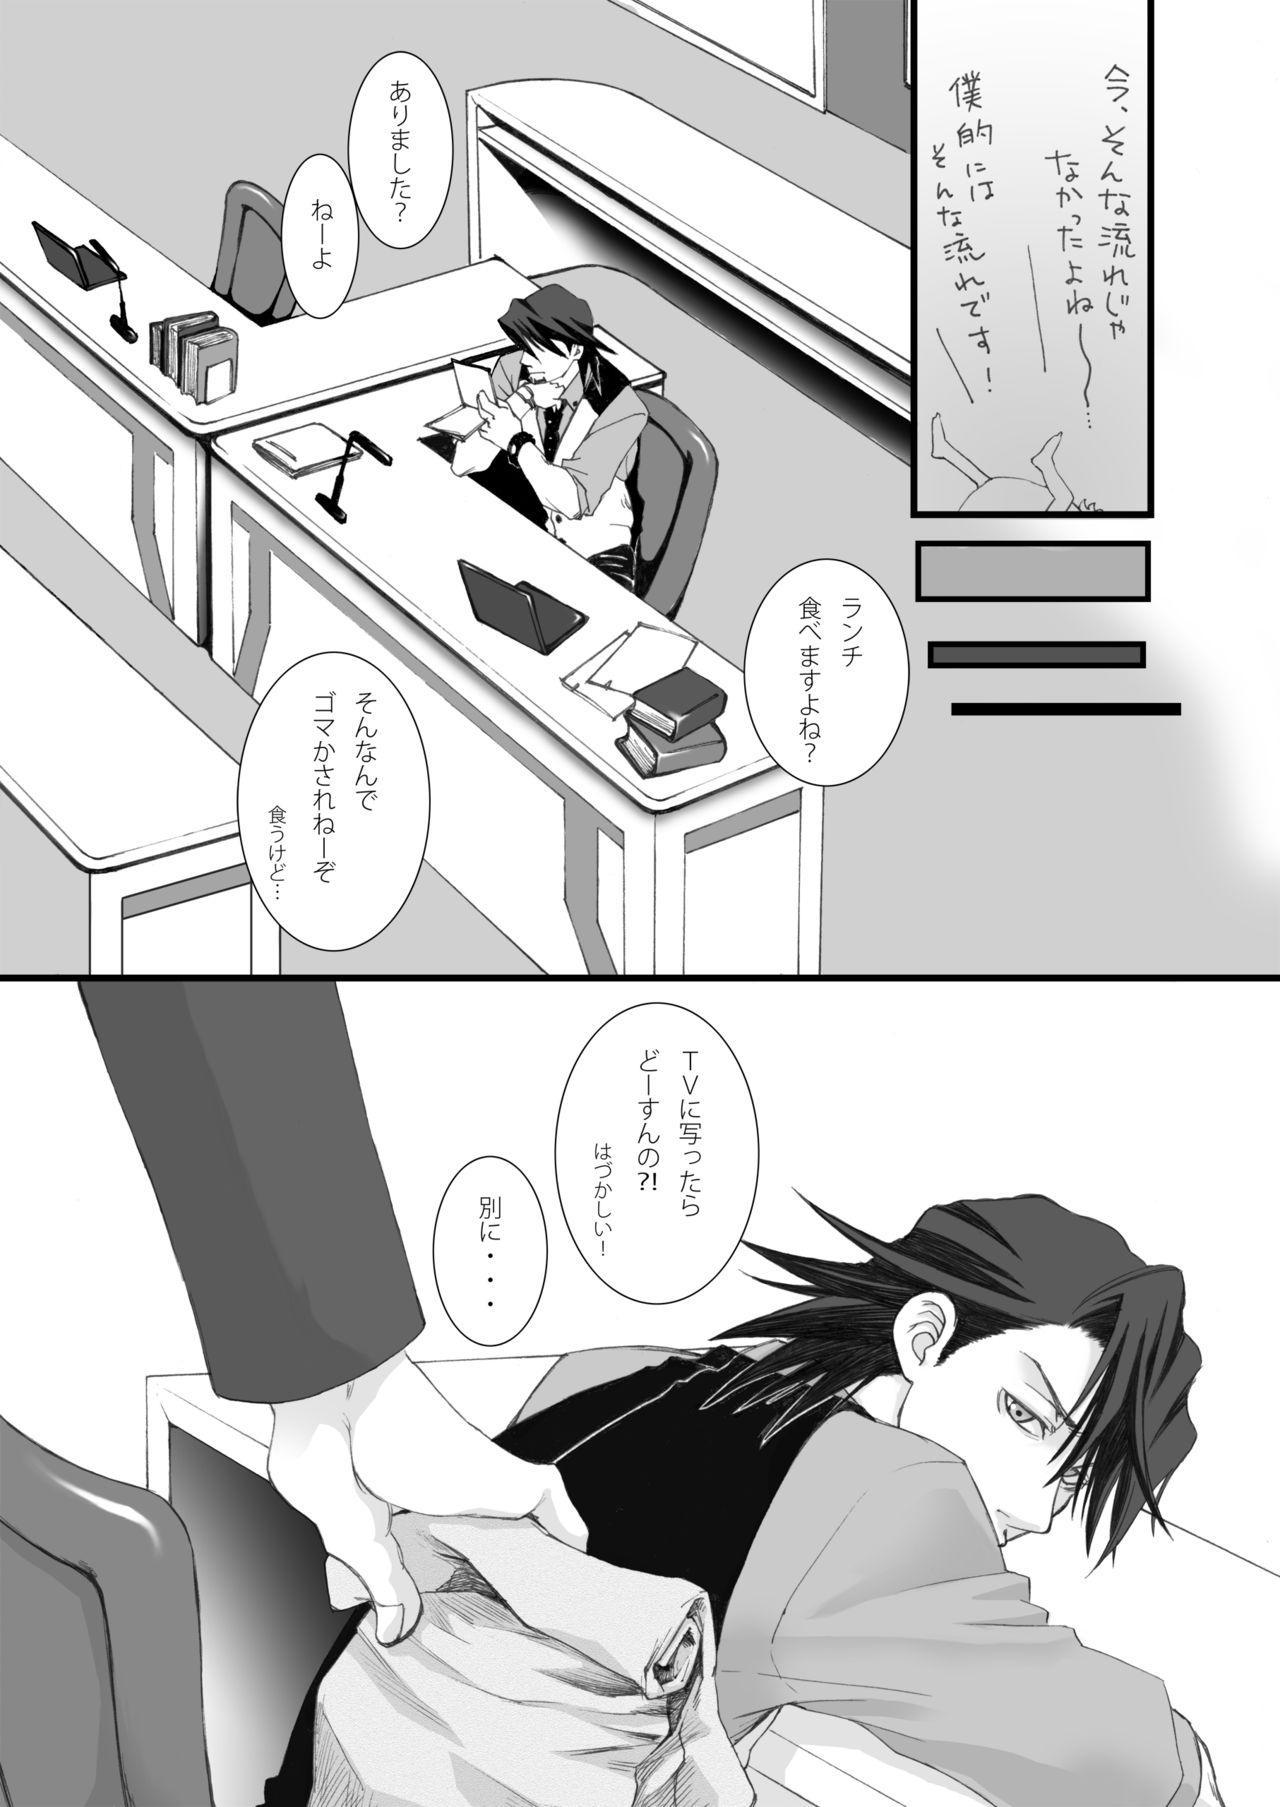 Usagi Usagi, Nani Mite Hazeru 7